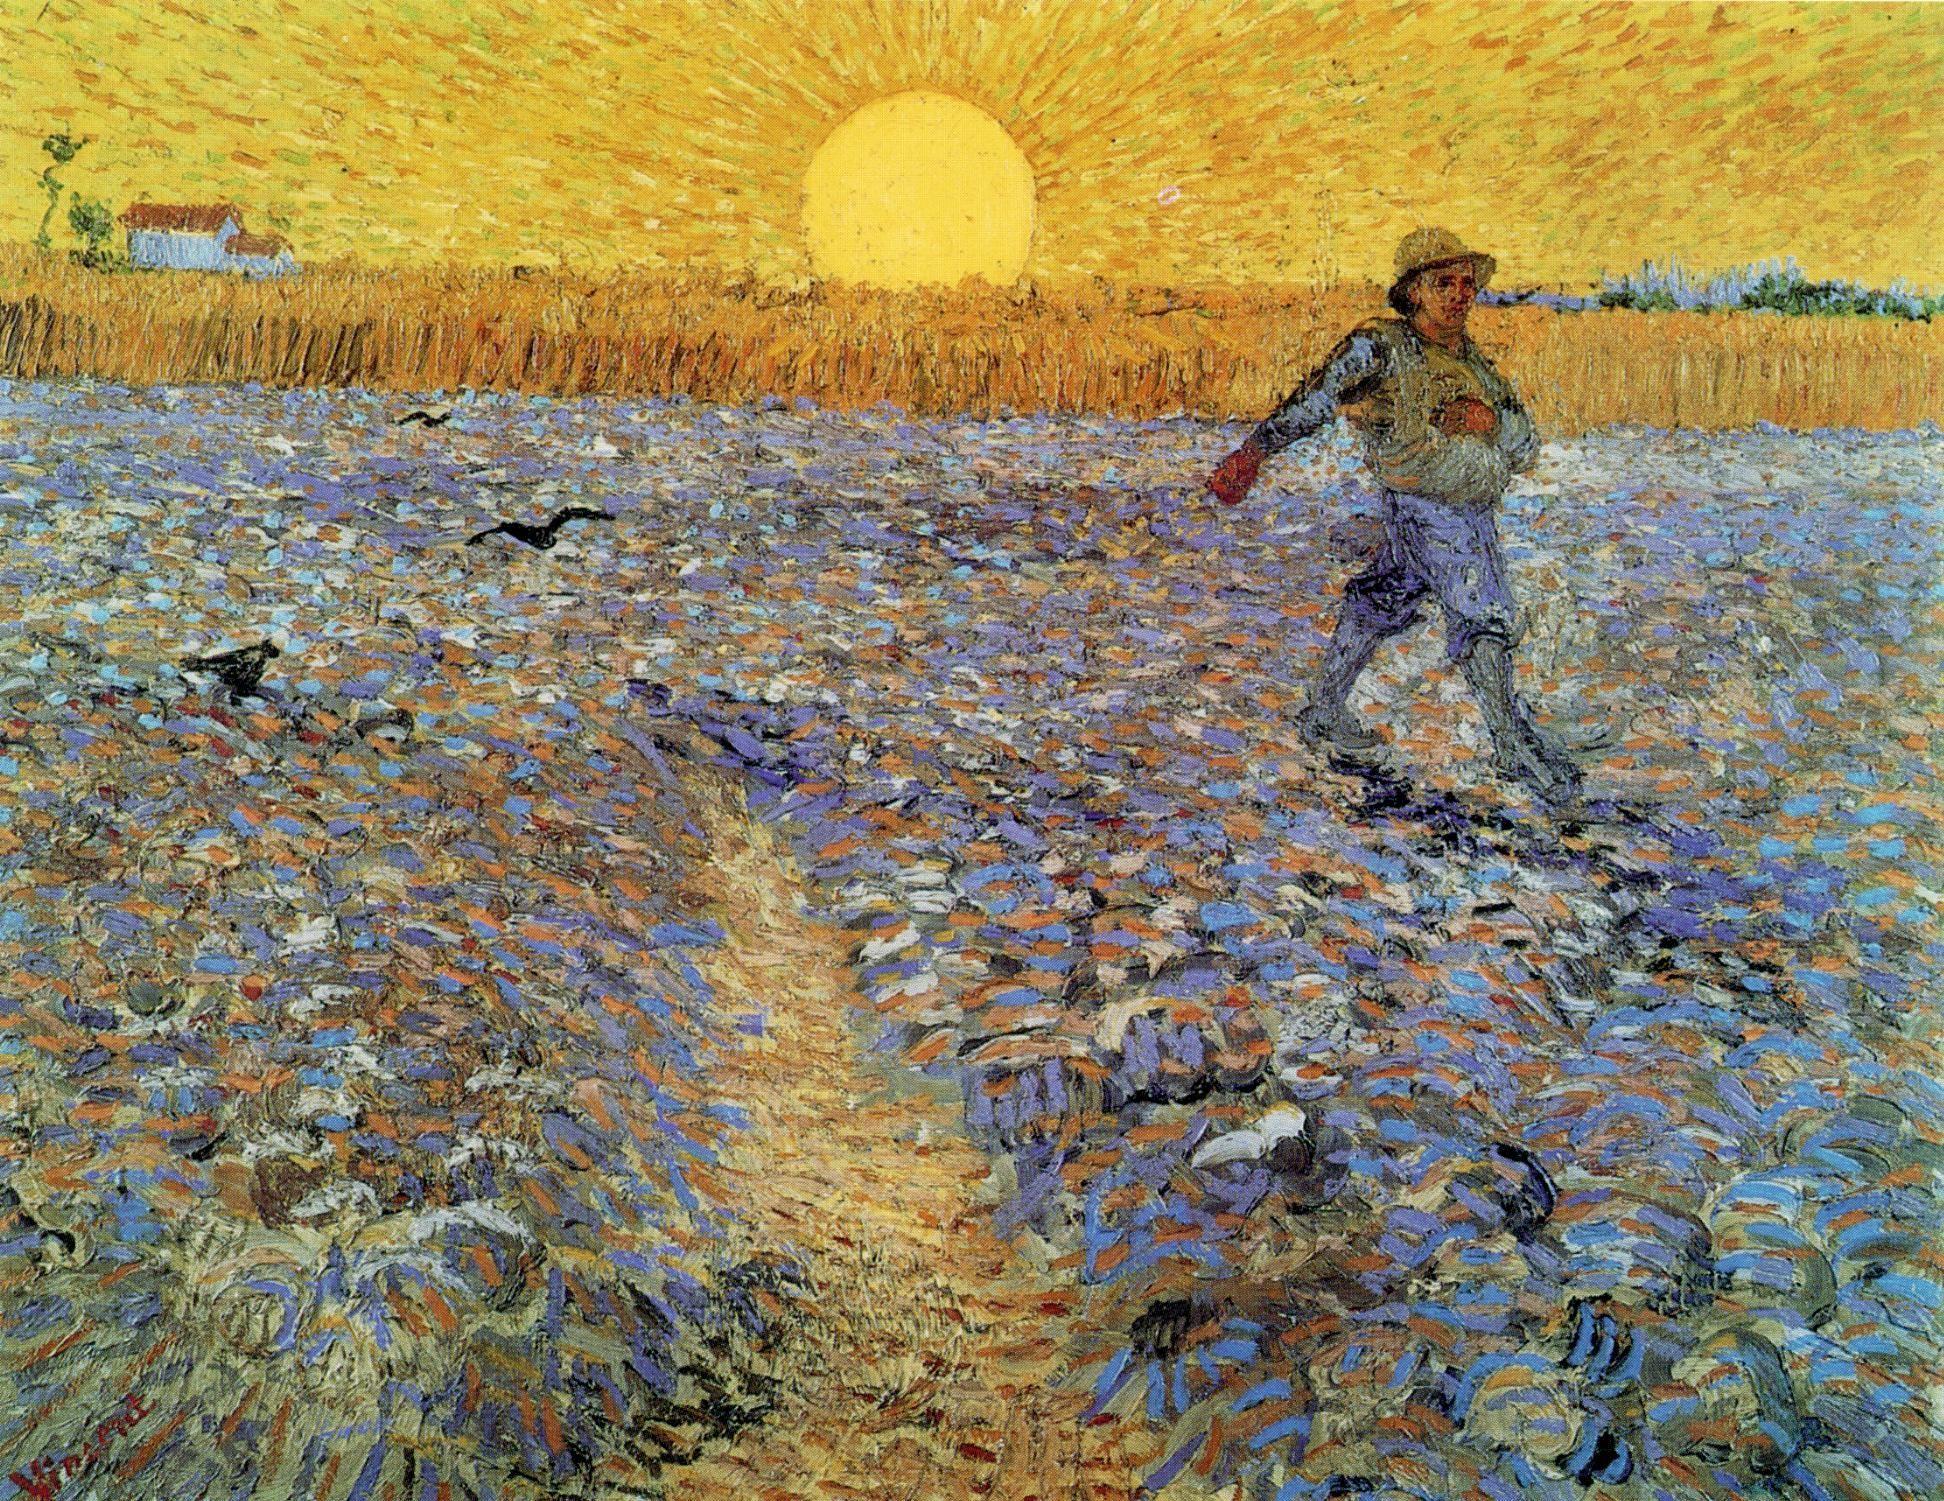 Mostra Van Gogh a Palazzo Reale di Milano: 'L'uomo e la terra' anticipa Expo 2015